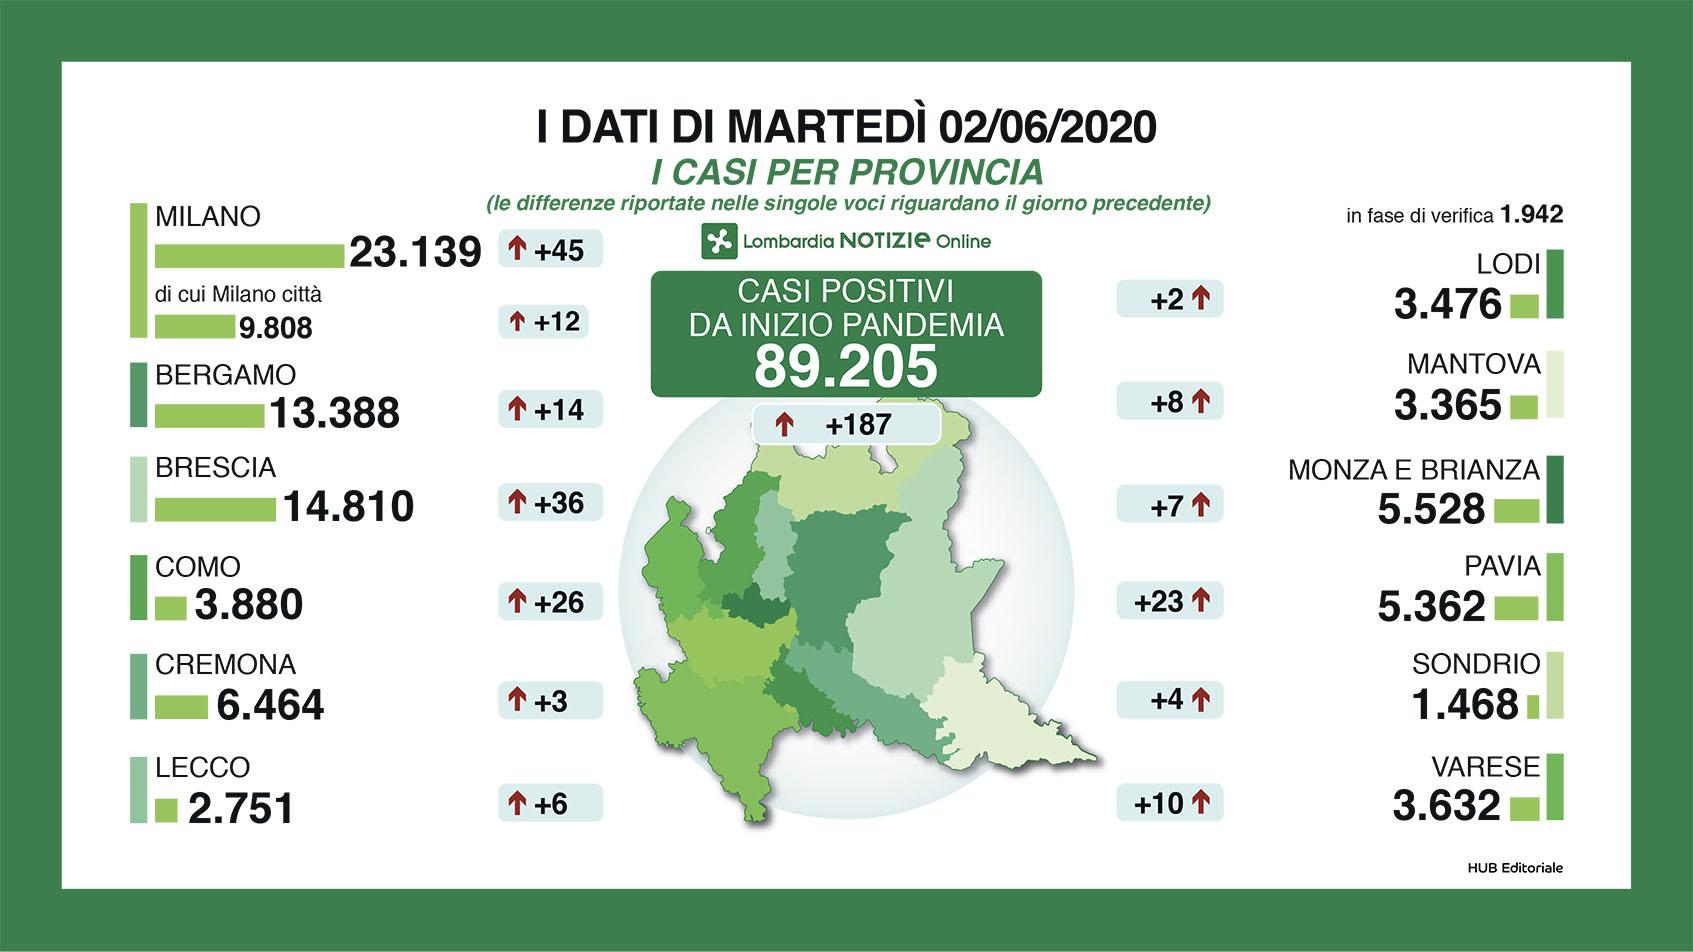 riepilogo dati per provincia 2 giugno